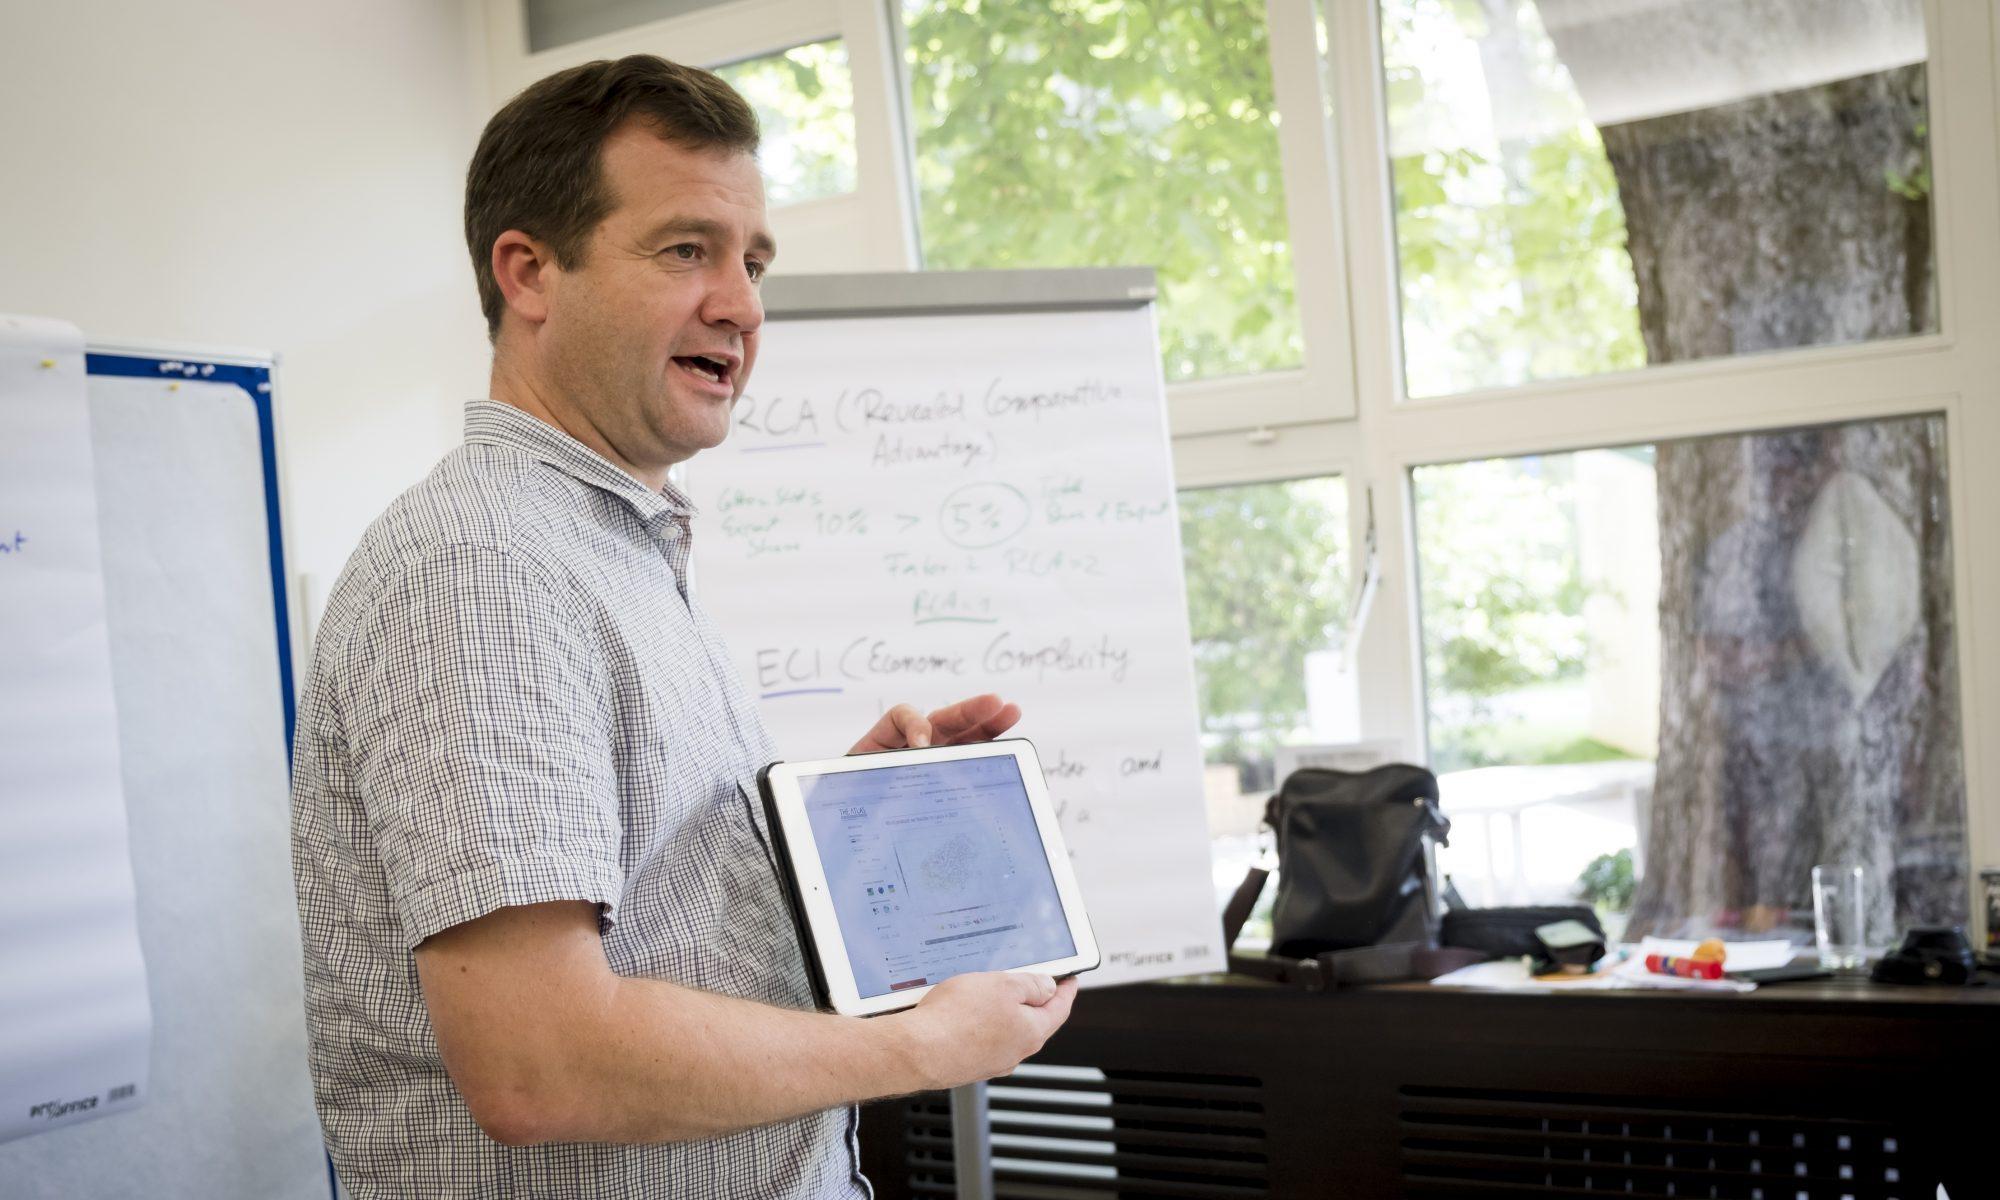 Innovation Coach - Dr Shawn Cunningham